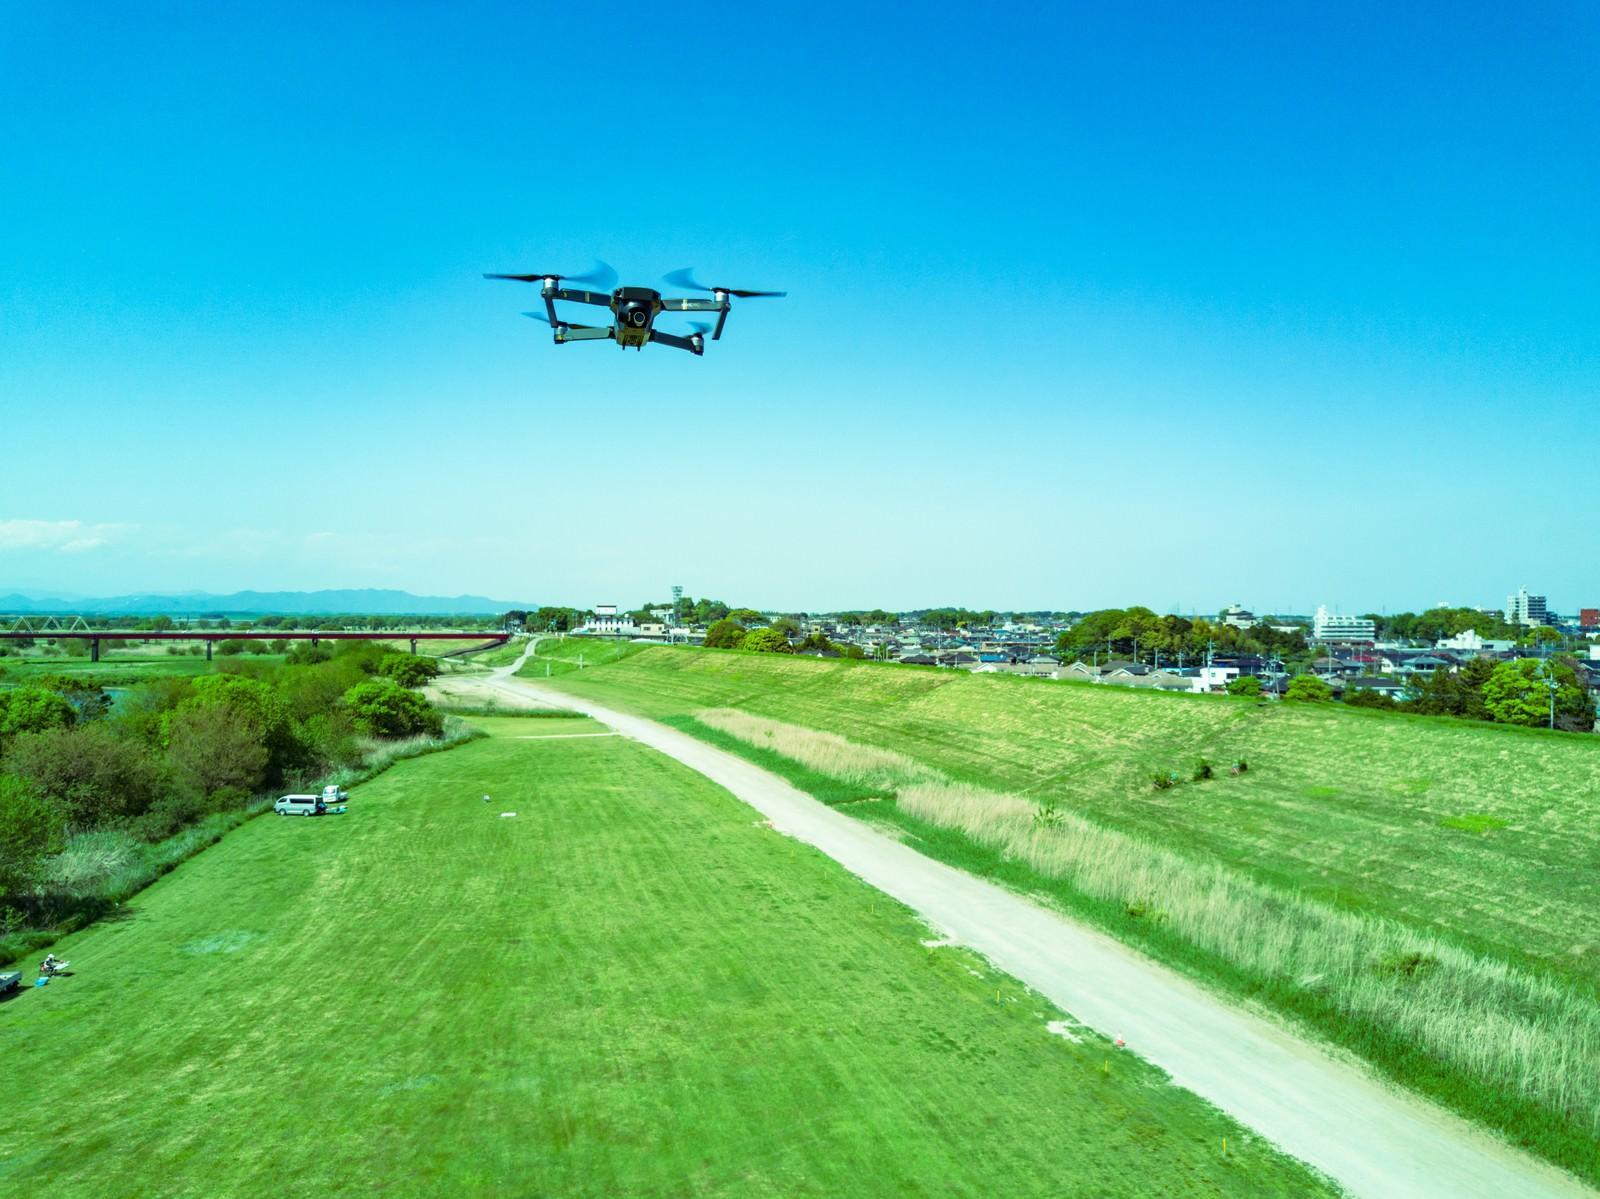 「上空を飛行するドローン(Mavic Pro)」の写真